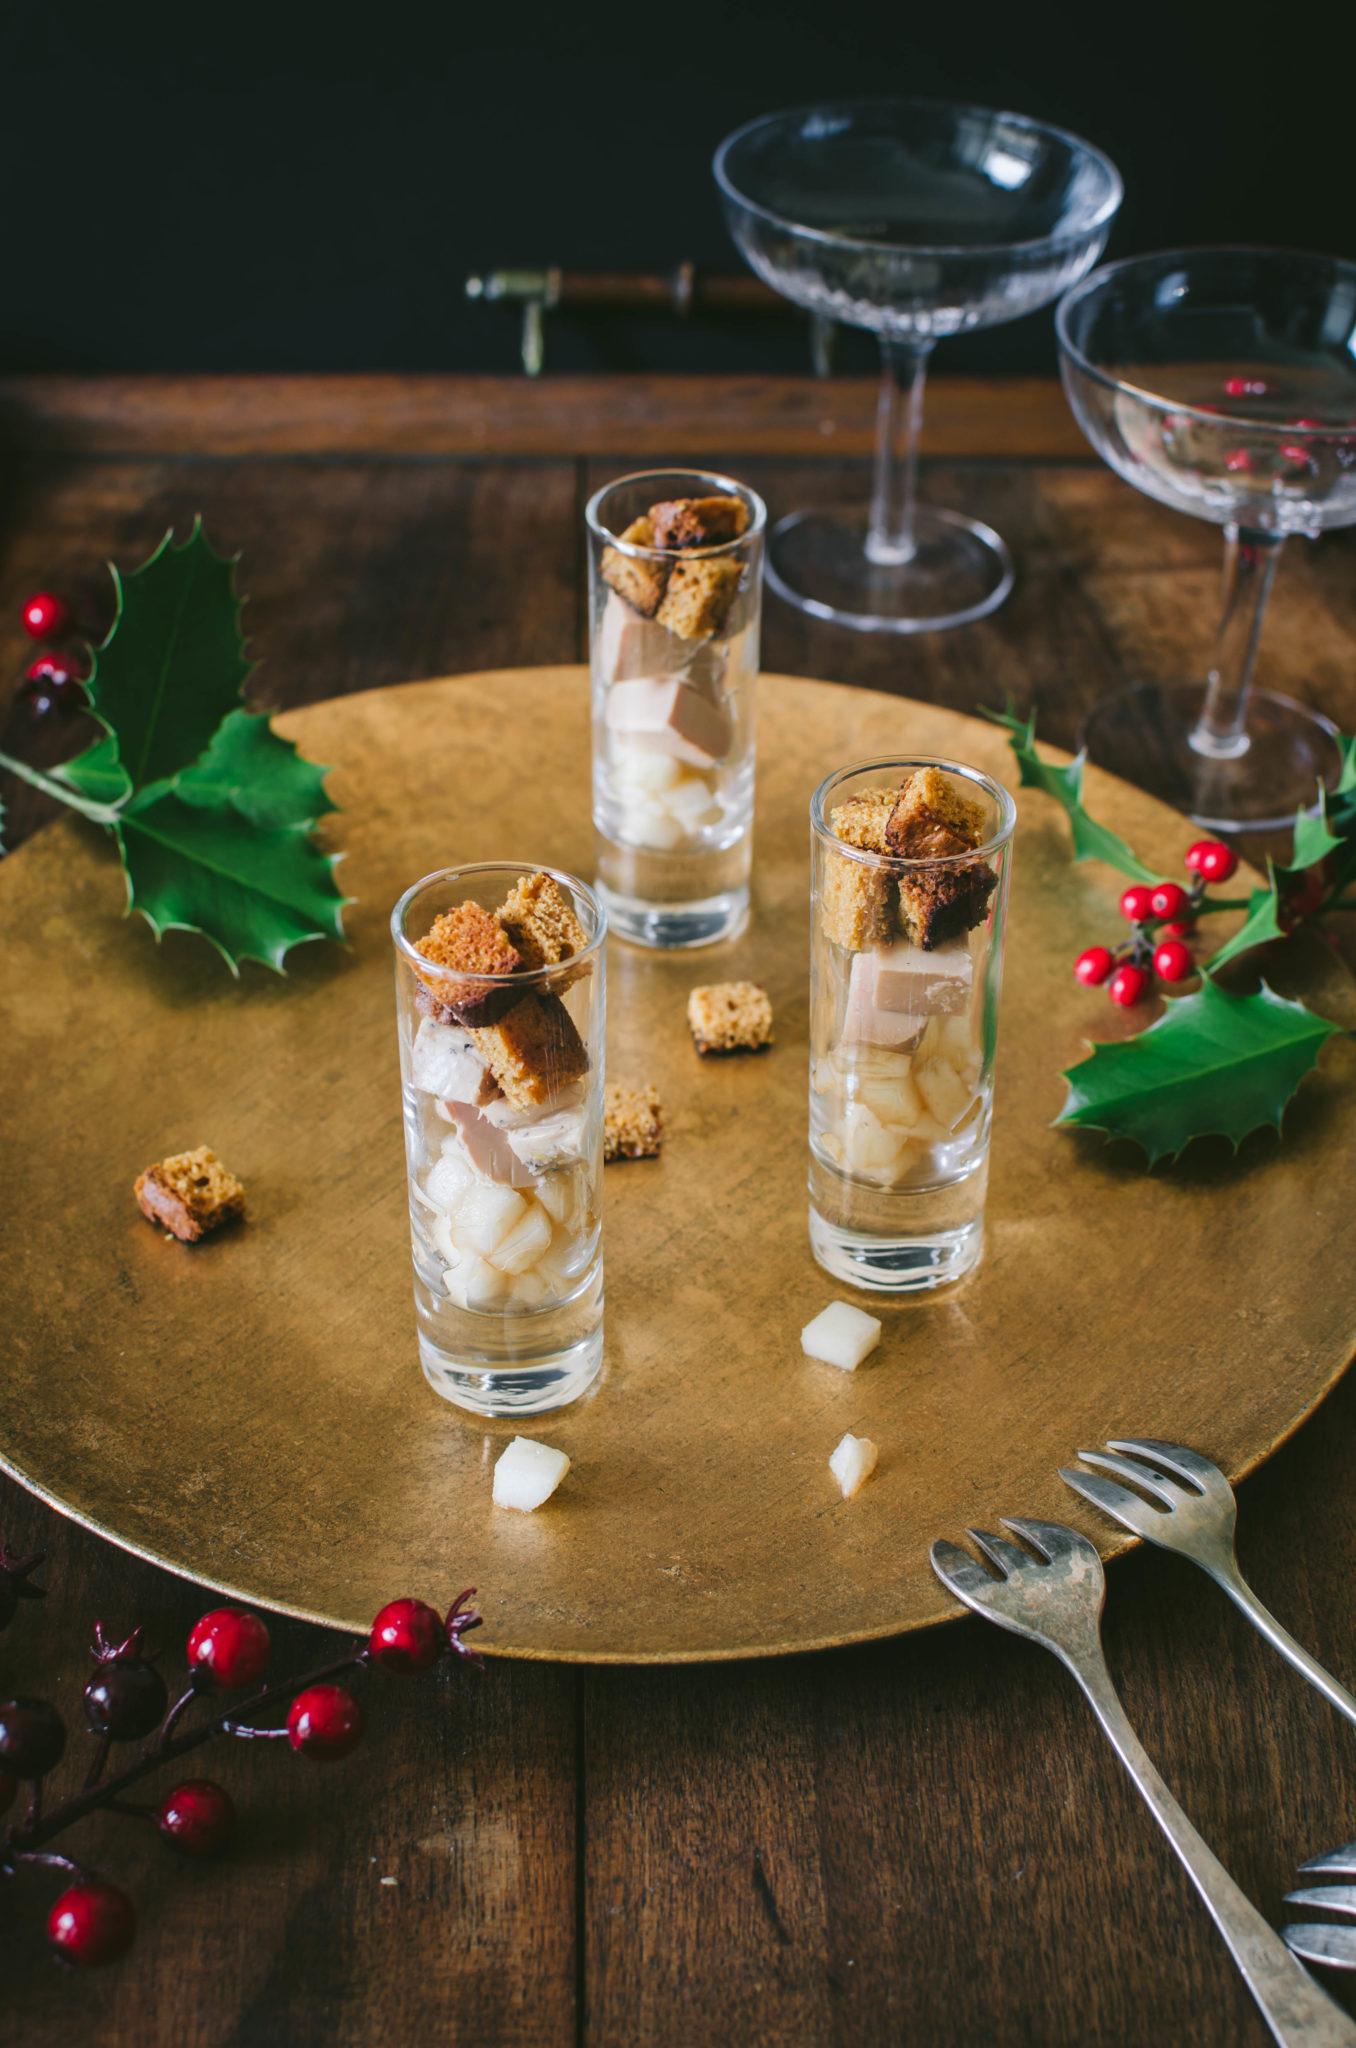 Verrine de Noël au foie gras, pain d'épices et poire